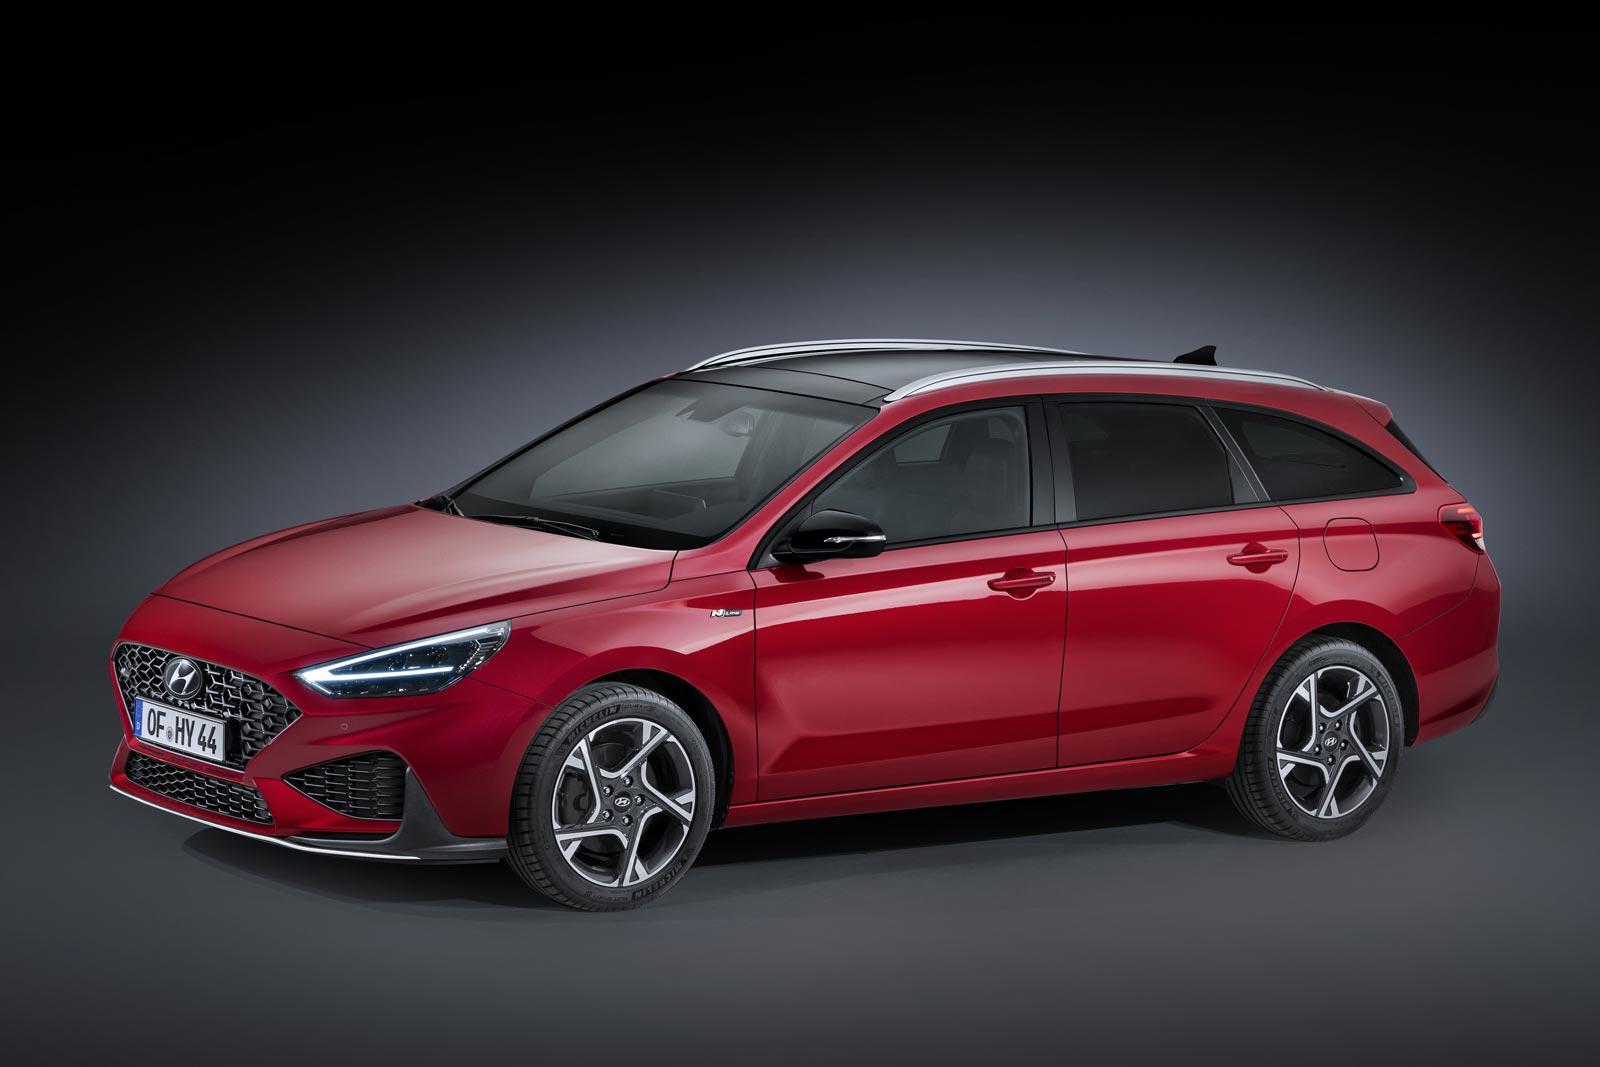 2021 Hyundai Elantra Gt Photos